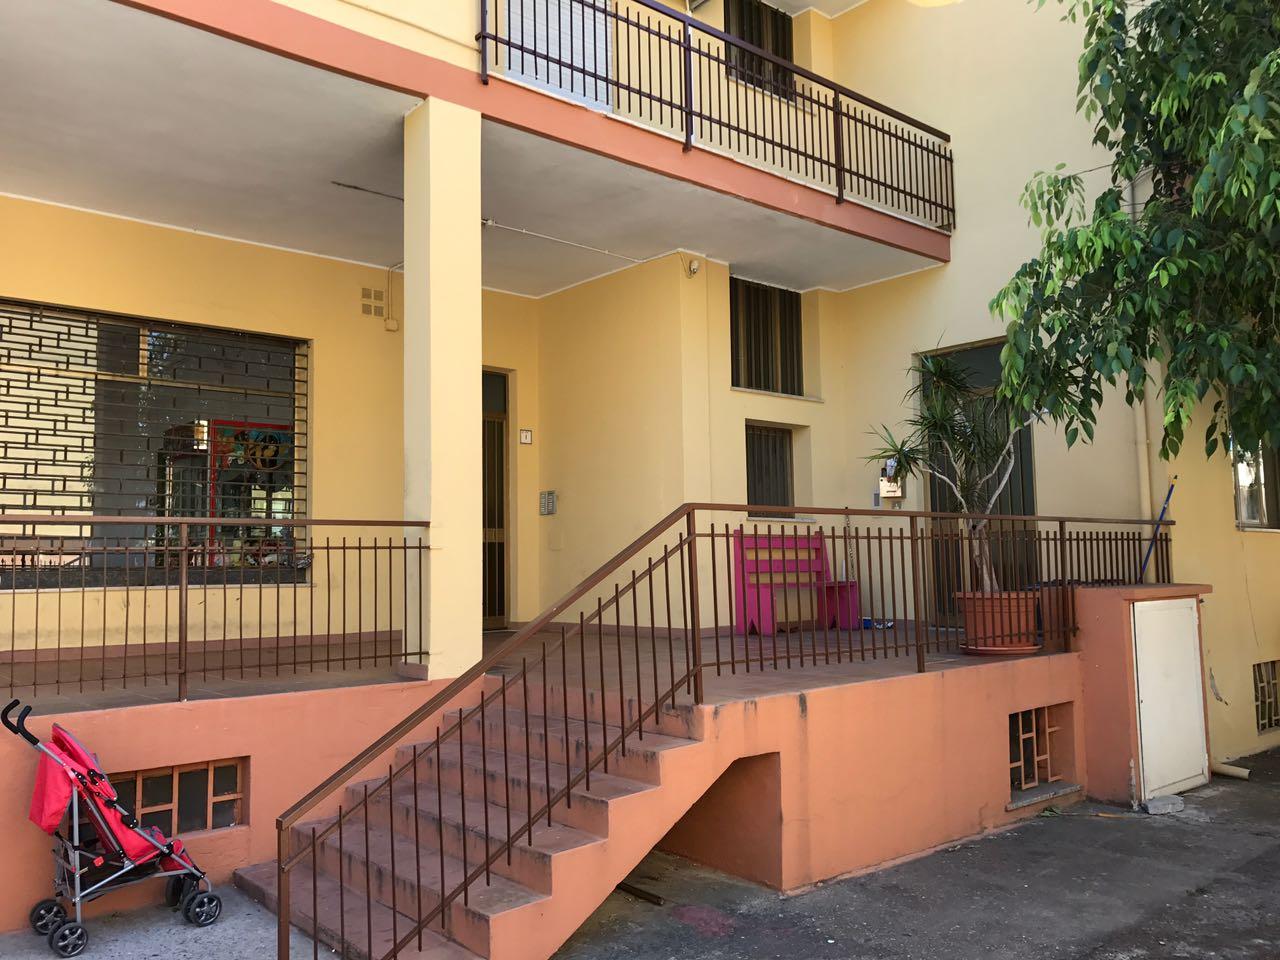 Appartamento in vendita a Tortolì, 4 locali, prezzo € 135.000 | Cambio Casa.it